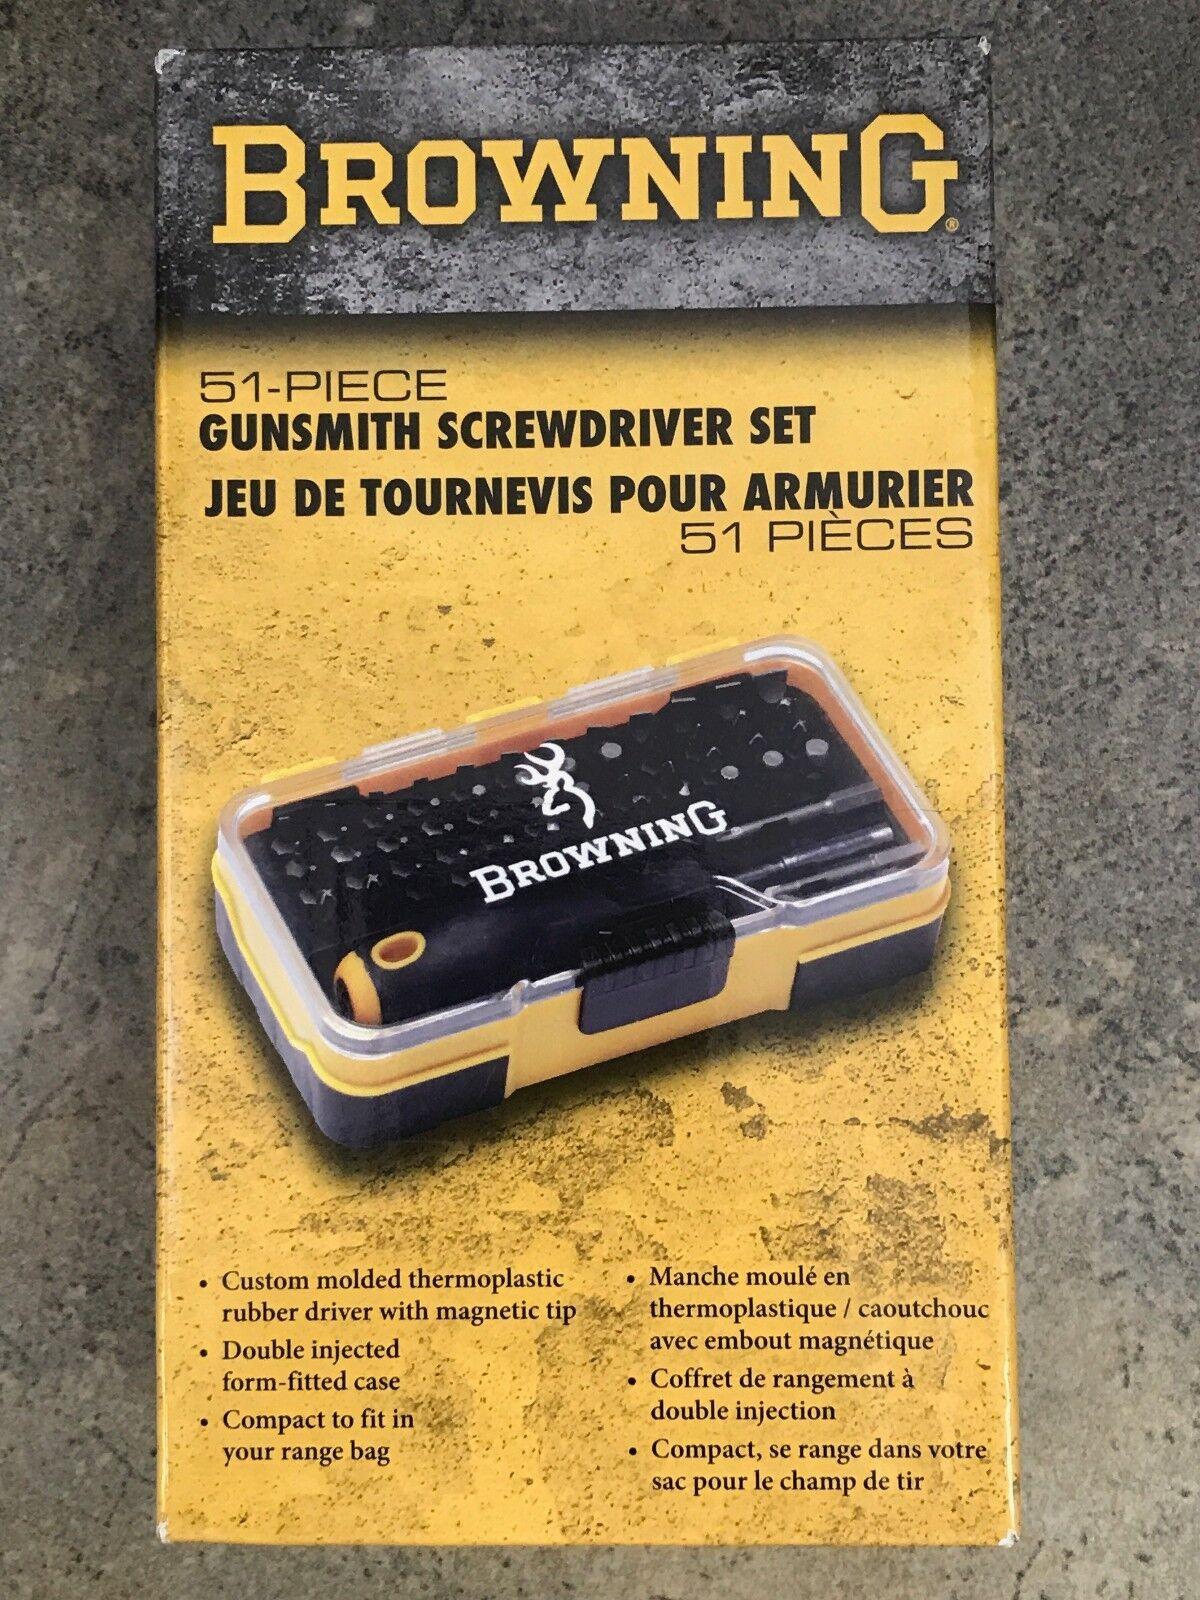 Browning Gunsmith Screwdriver Tool Set 12401 | eBay